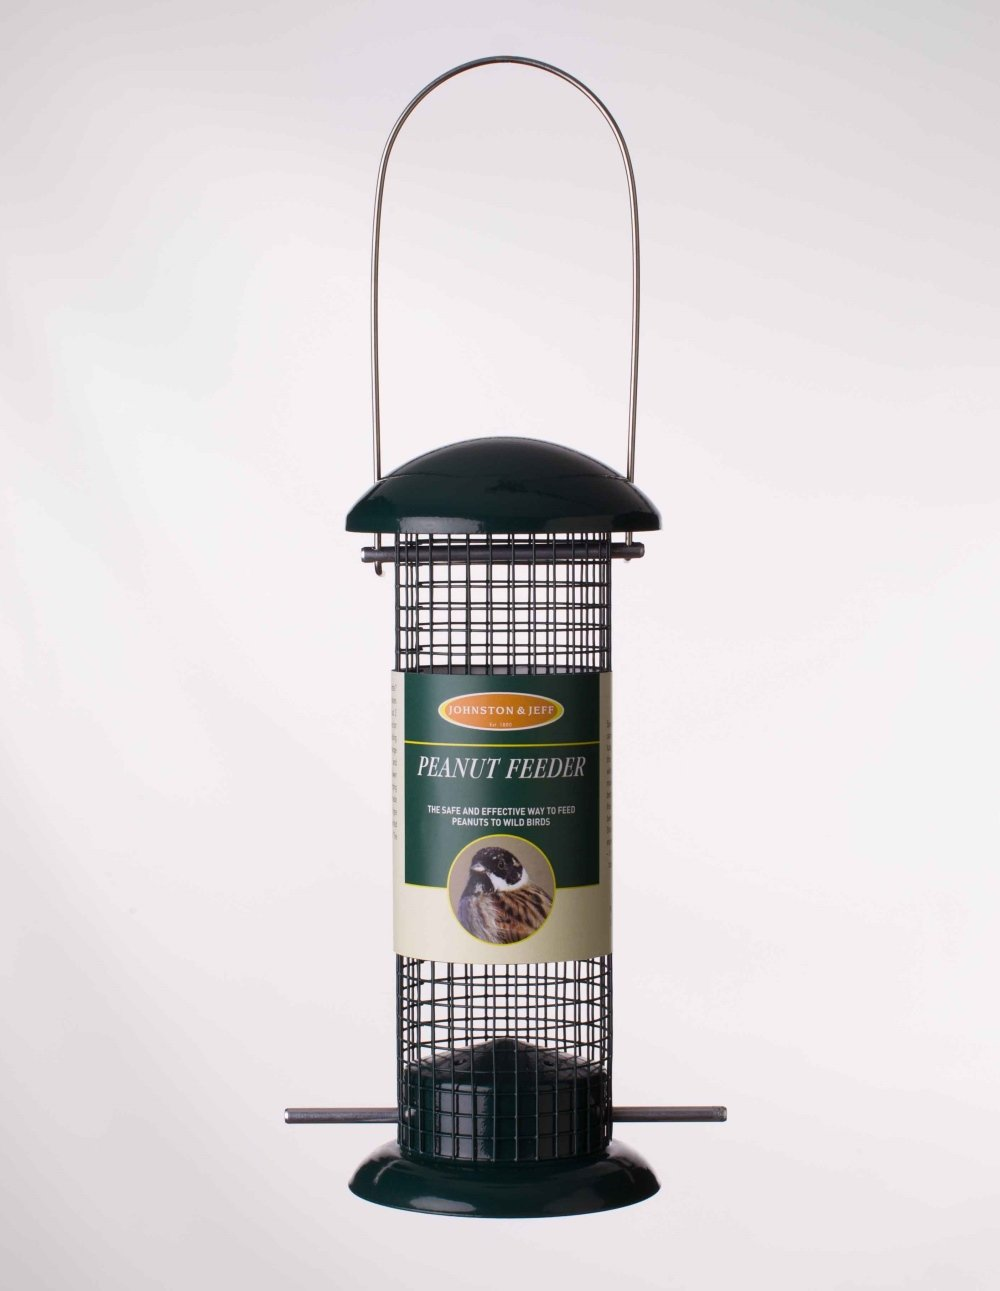 Johnston & Jeff 20, 3 cm Distributeur de cacahuè tes pour oiseaux sauvages Mé tal –  Vert 3cm Distributeur de cacahuètes pour oiseaux sauvages Métal-Vert Johnston and Jeff F003